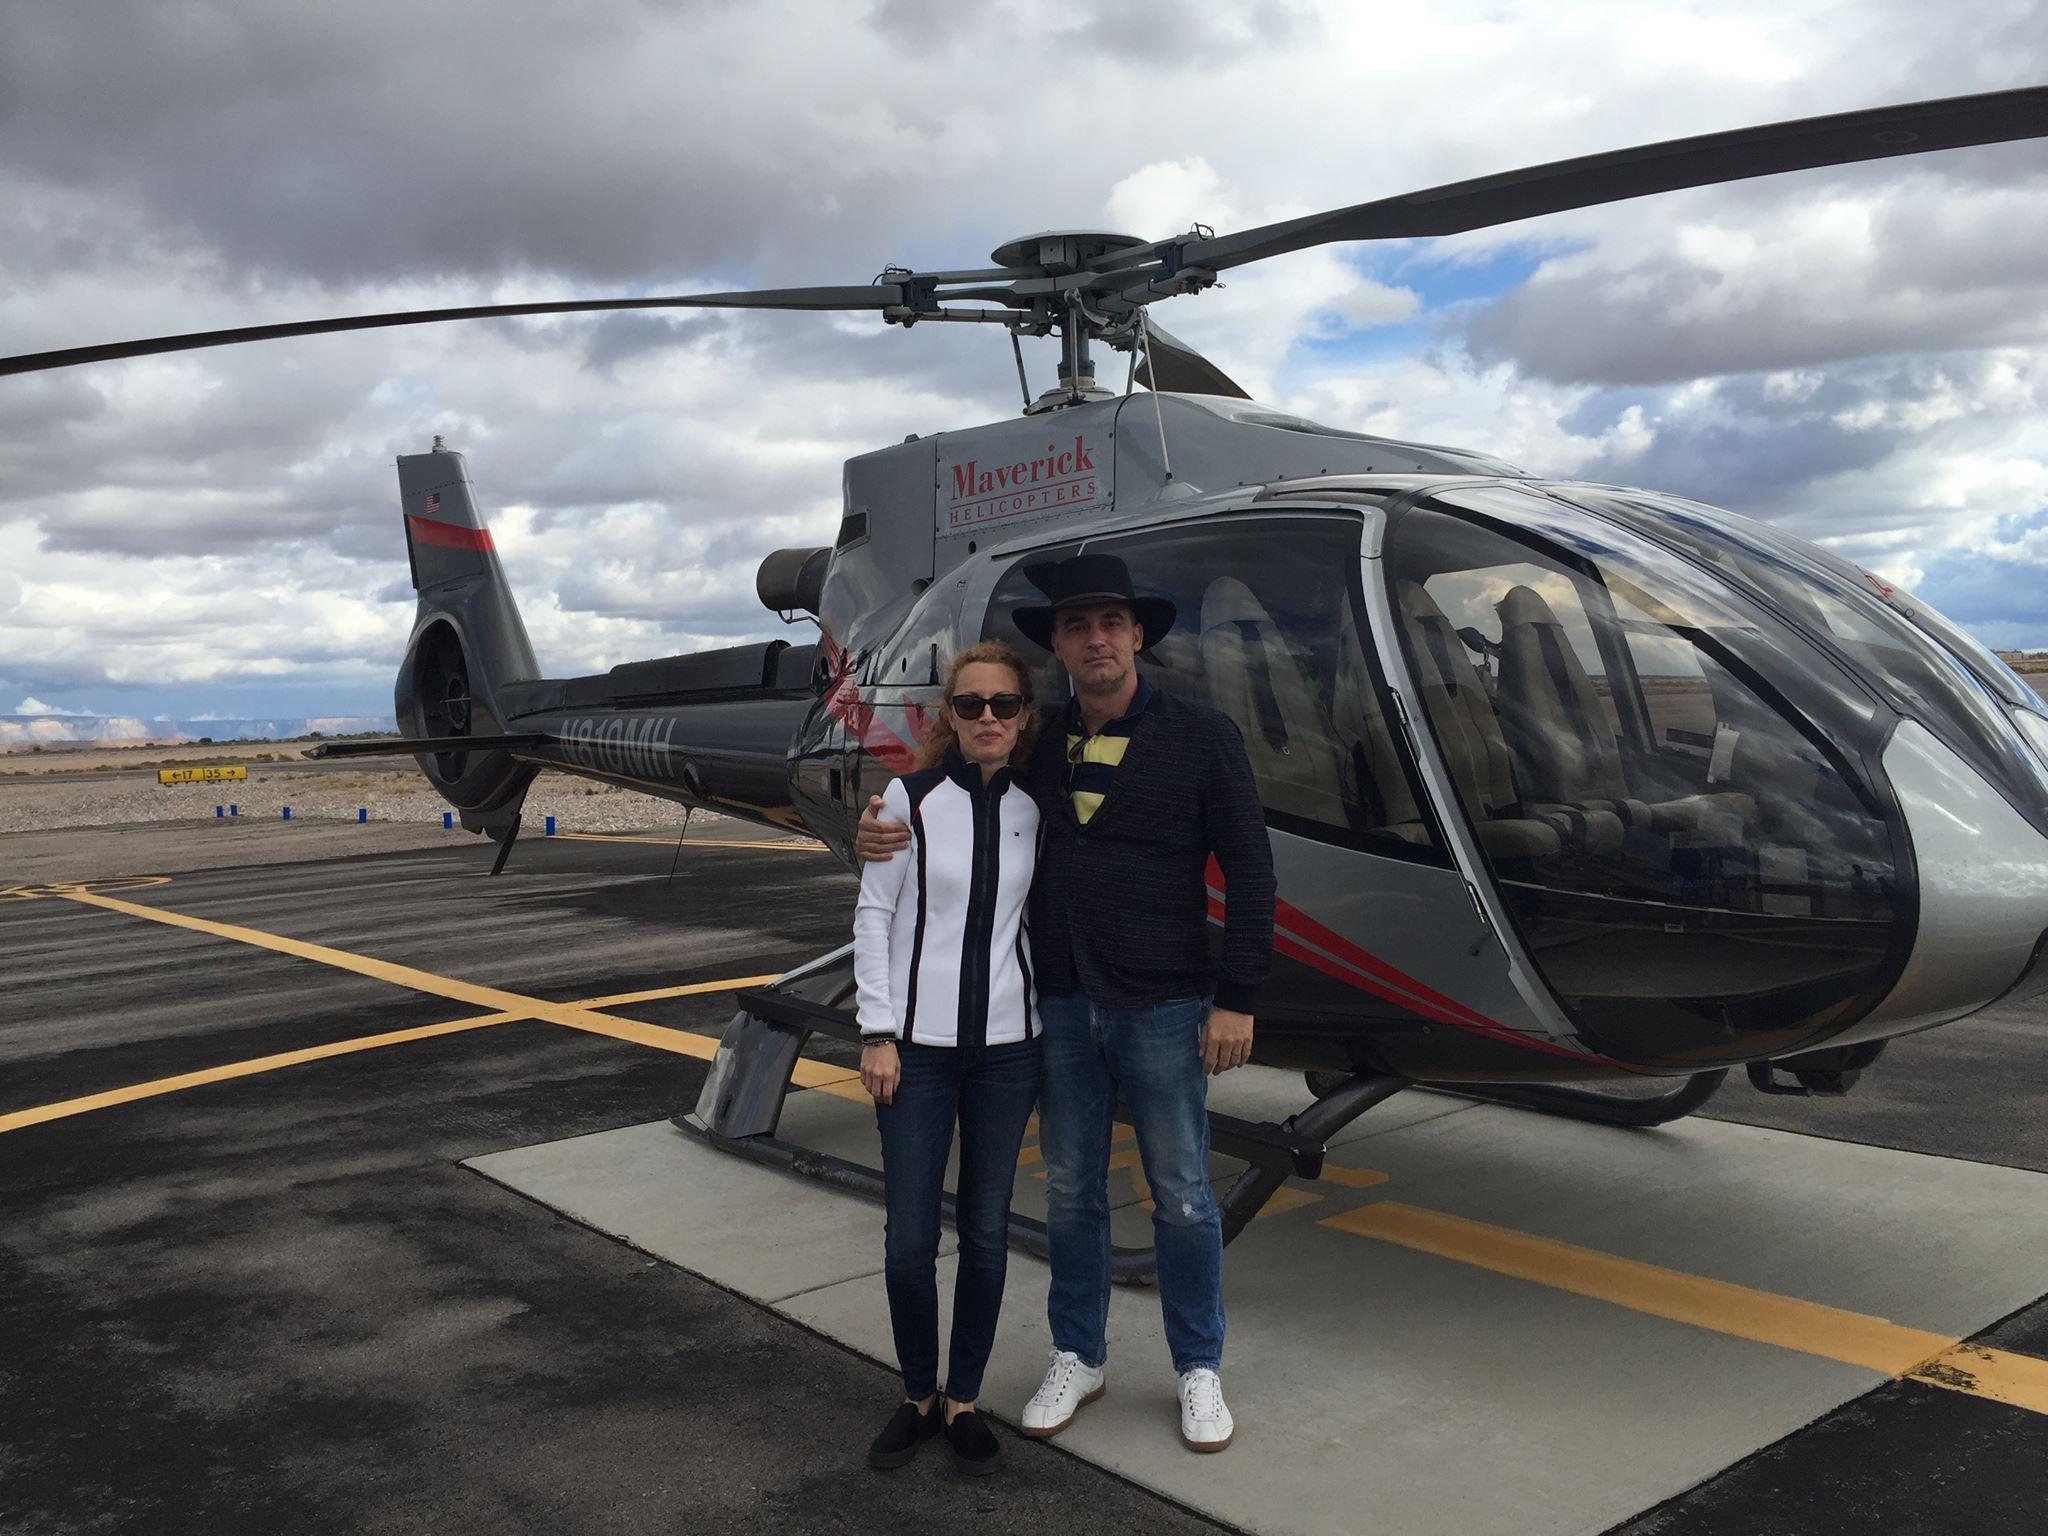 Tot în SUA, Alexandru (dreapta) și soția sa, Cornelia, au văzut Nevada de sus dintr-un elicopter al Maverick. Prețul unui tur se apropie de 500 de dolari